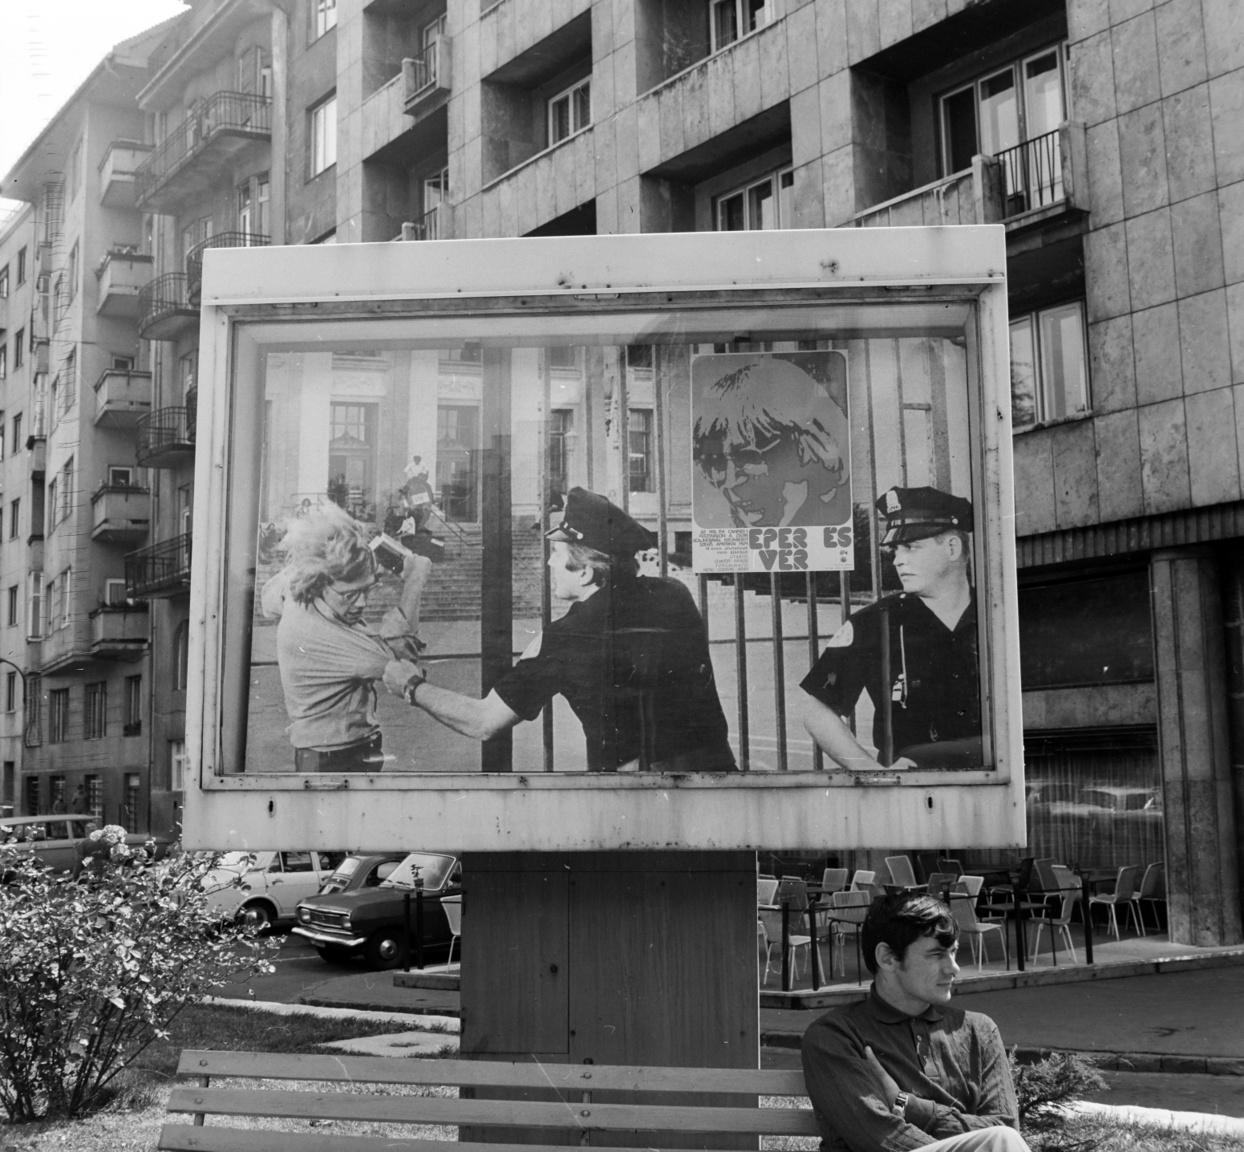 A Mechwart liget sarkán egy villamosszekrényre szerelt hirdetőfelületen az Eper és vér című amerikai film standfotója van kinagyítva, rajta a Mahir és Mokép emblémákkal ellátott kisméretű nyomtatvány. A háborúellenes filmet itthon 1971-ben mutatták be. A háromalakos fotón a főszereplő, kezében könyvekkel dulakodik egy rendőrrel, míg a másik figyeli őket az egyetemi épület előtti börtönrácsra emlékeztető kerítés tövében. A Mokép plakátot úgy ragasztották fel, mintha a nagy fotón látható kerítésen függene. A hirdetésről készített fényképen jól látszanak egy azóta megszűnt presszó utcára helyezett asztalai, a zsúfoltnak nem tűnő parkoló tőszomszédságában